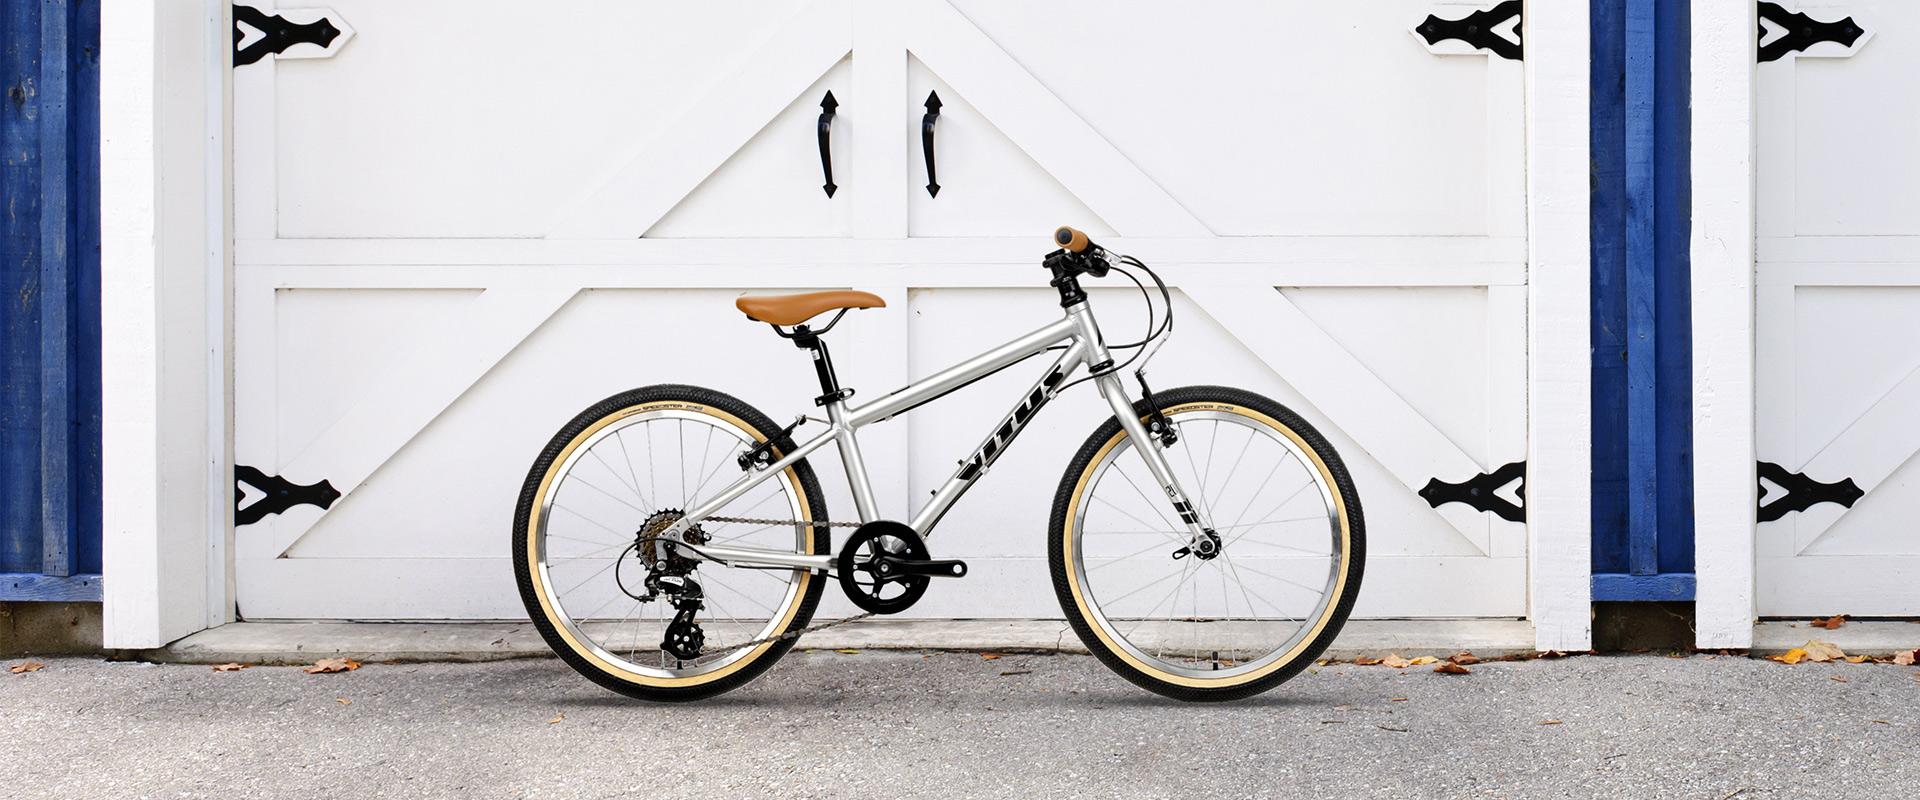 20 Kids Bike